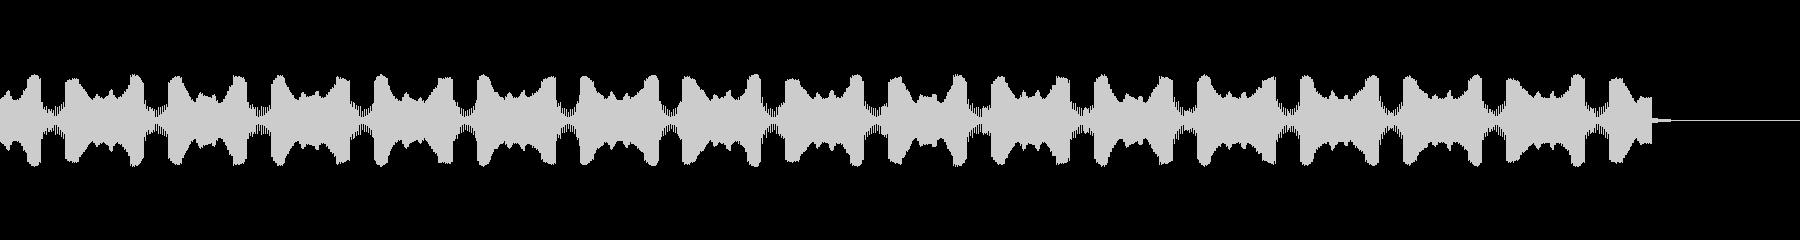 ピコピコ計算/分析解析/宇宙と交信8の未再生の波形